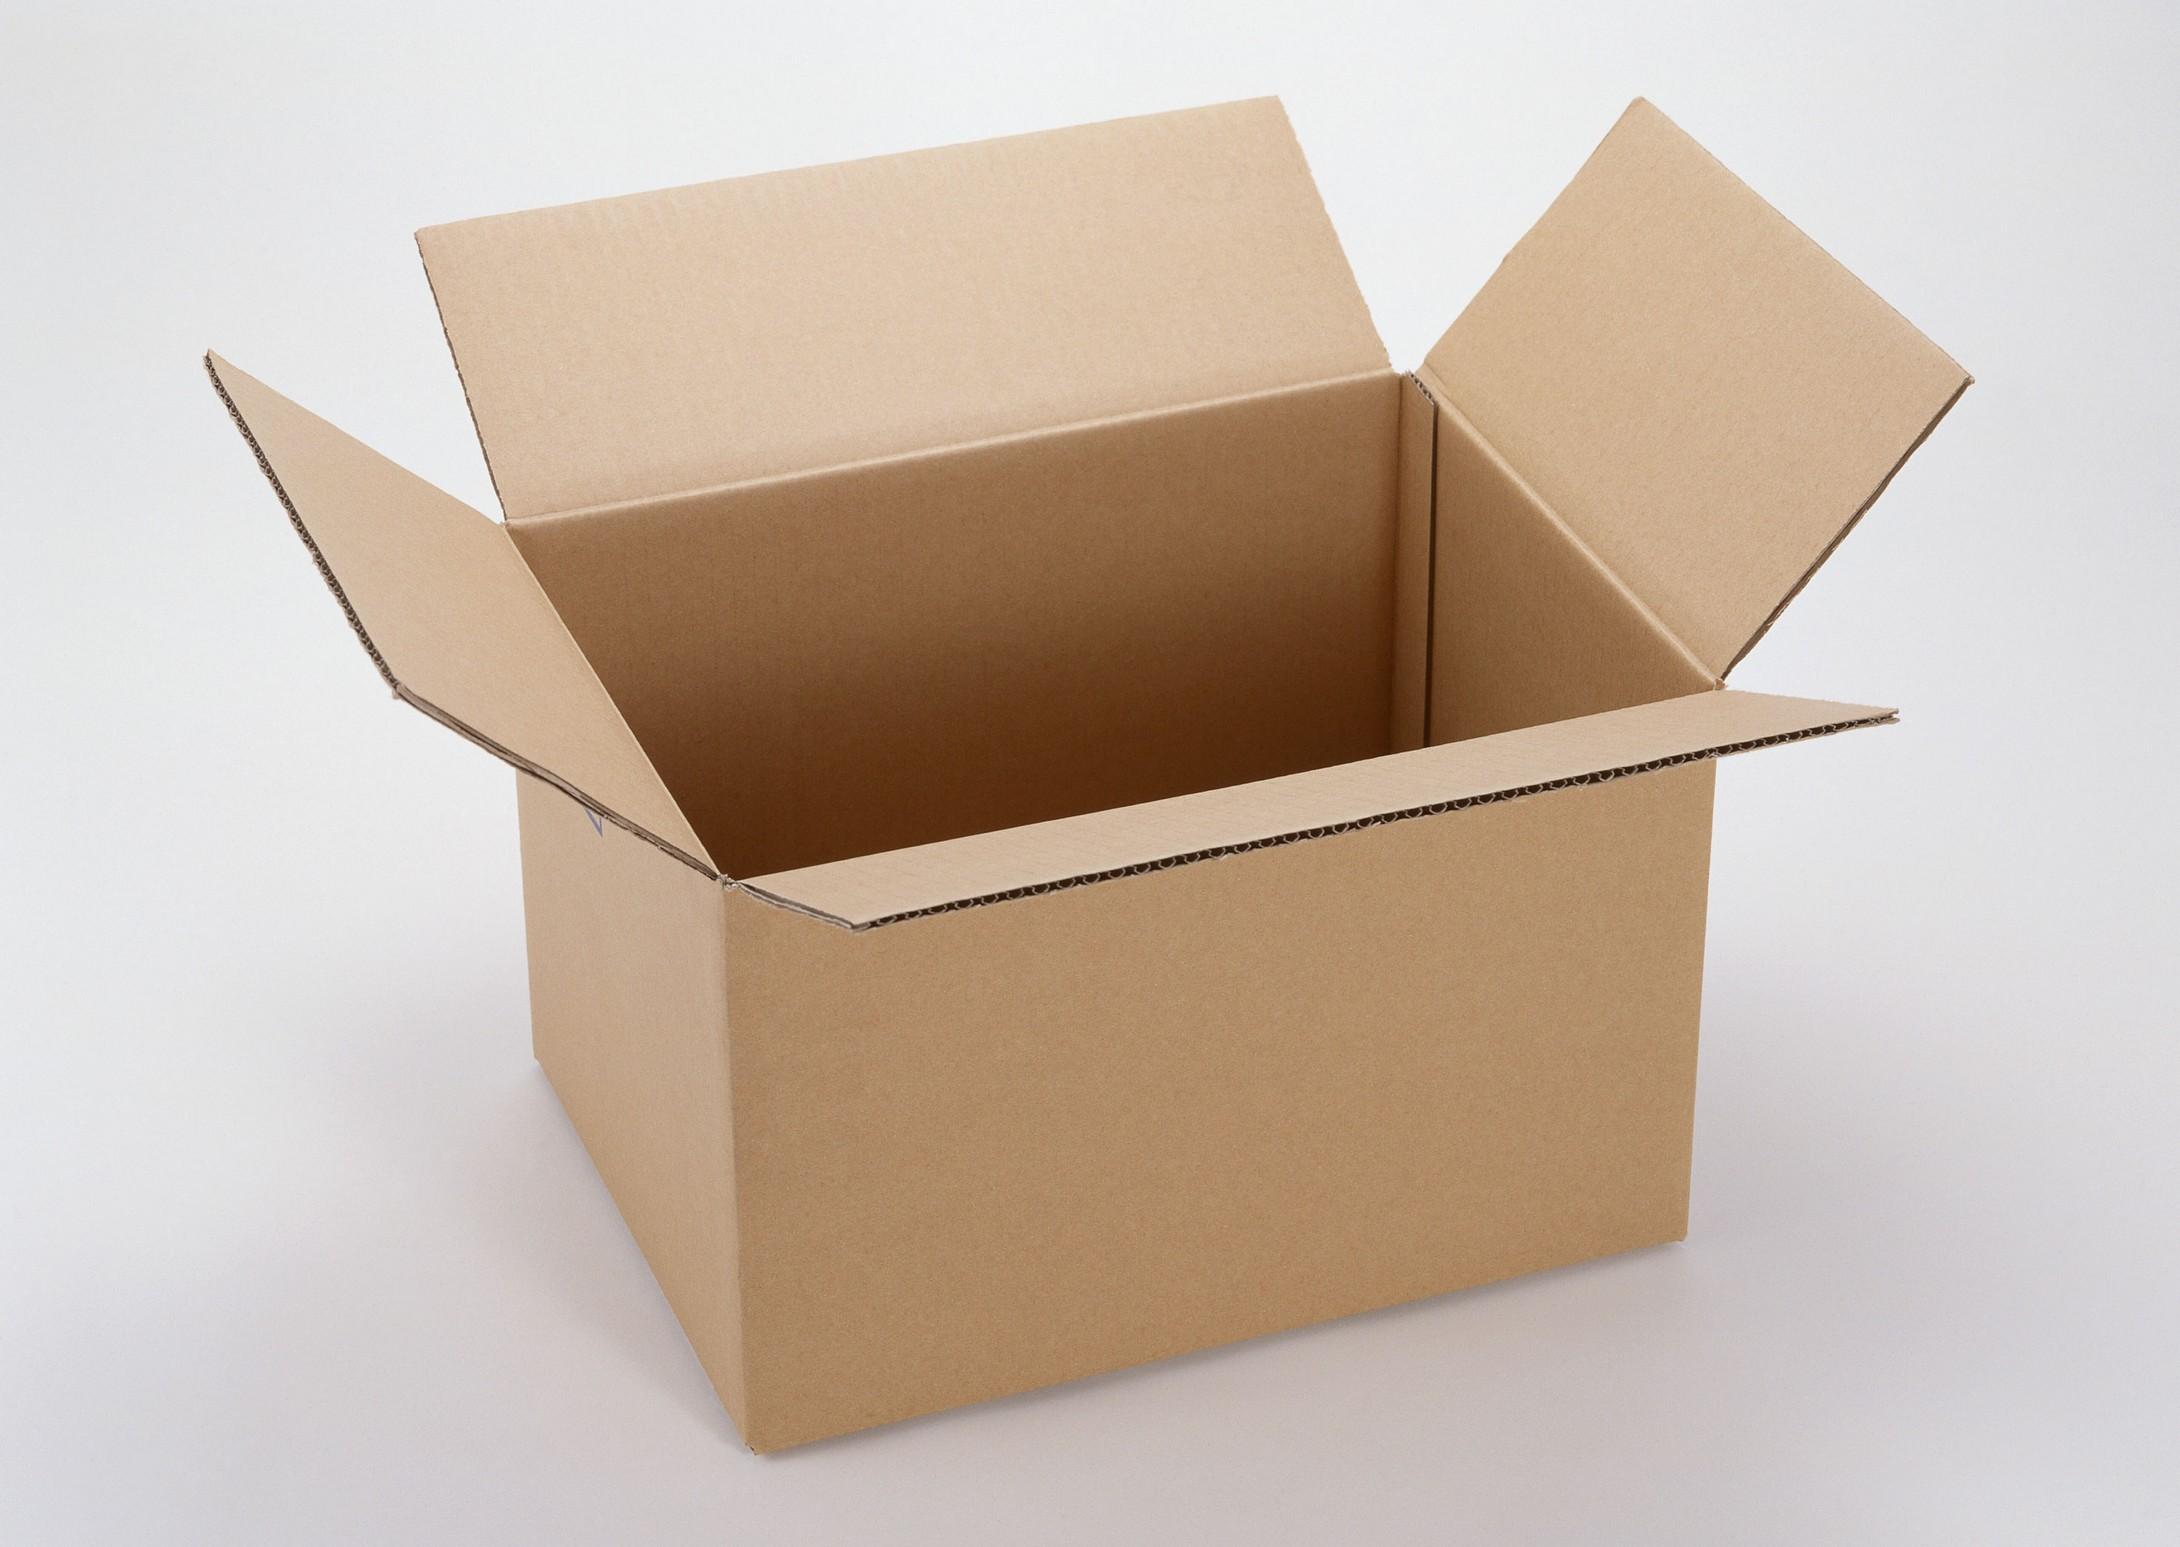 哈尔滨大胜纸箱厂_中国1至8月进口日本瓦楞原纸417.6万吨